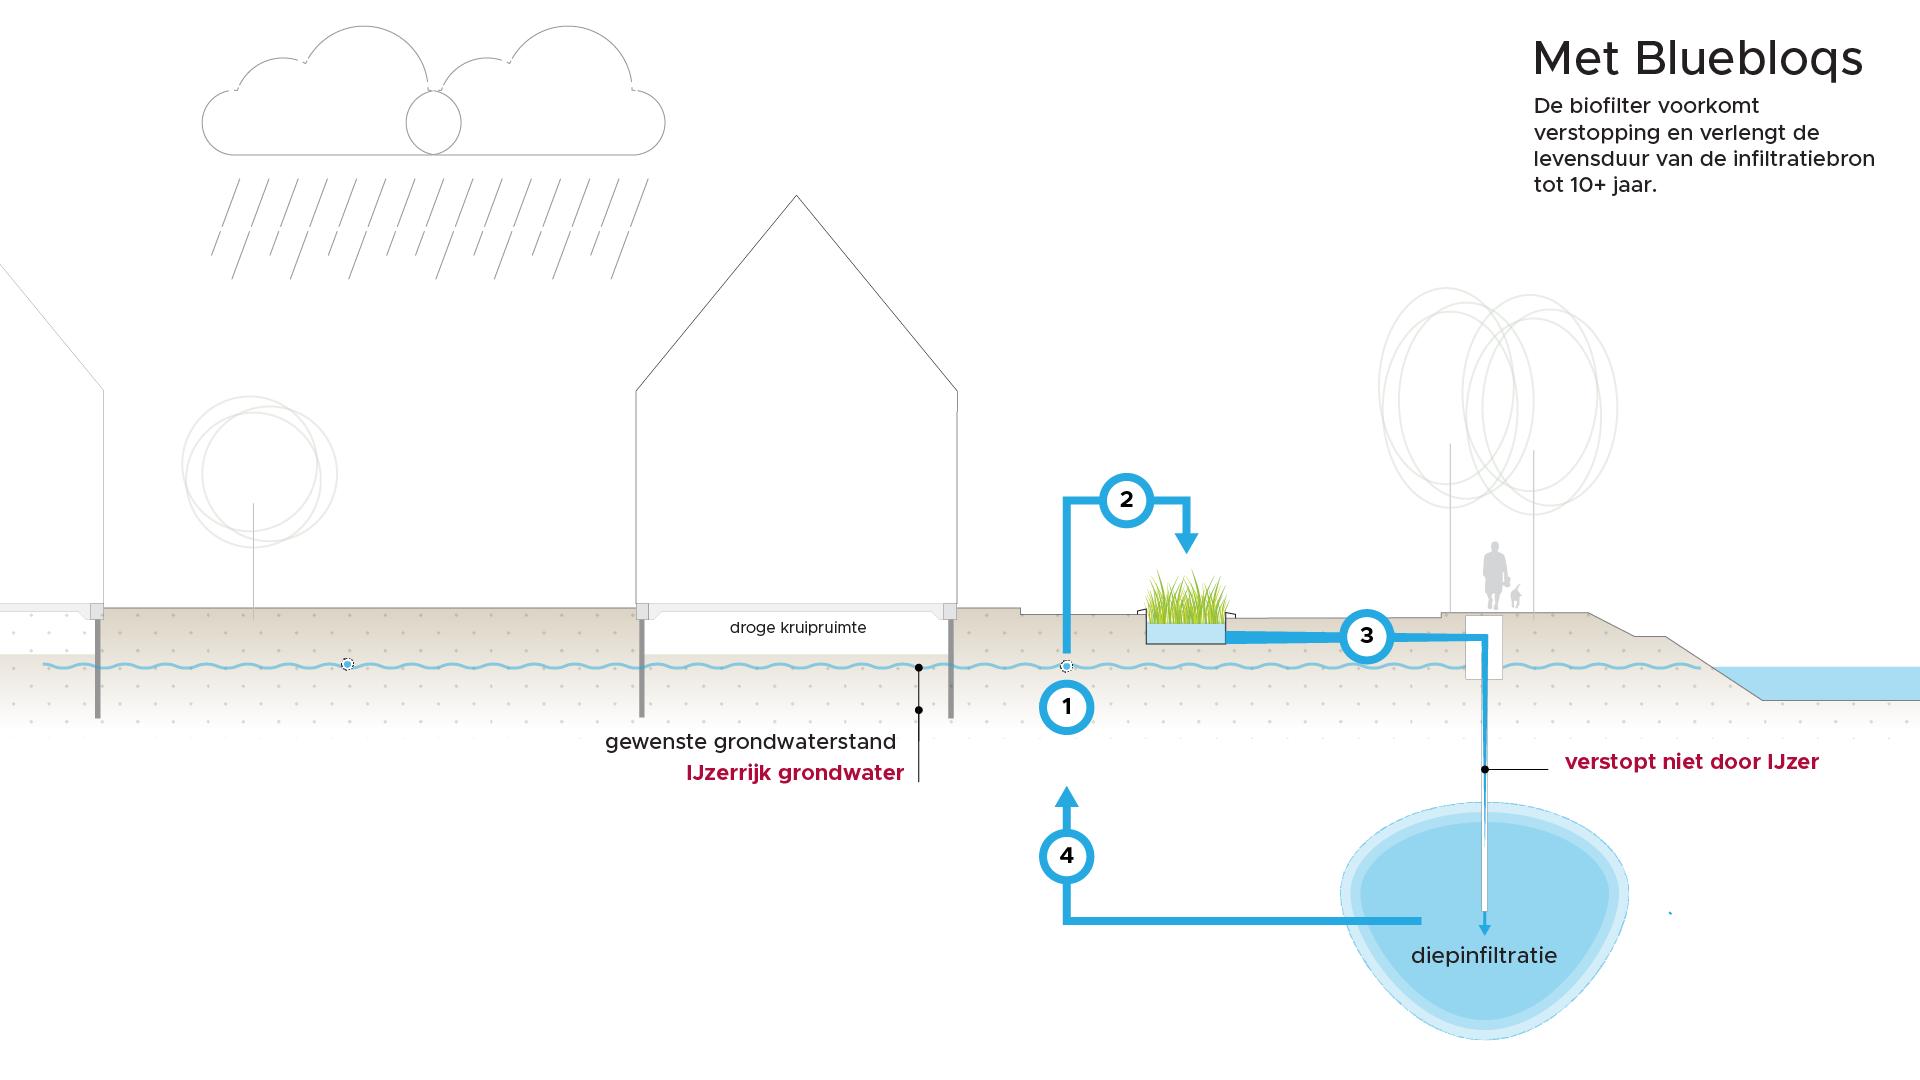 De biofilter voorkomt verstopping en verlengt de levensduur van de infiltratiebron tot 10+ jaar.